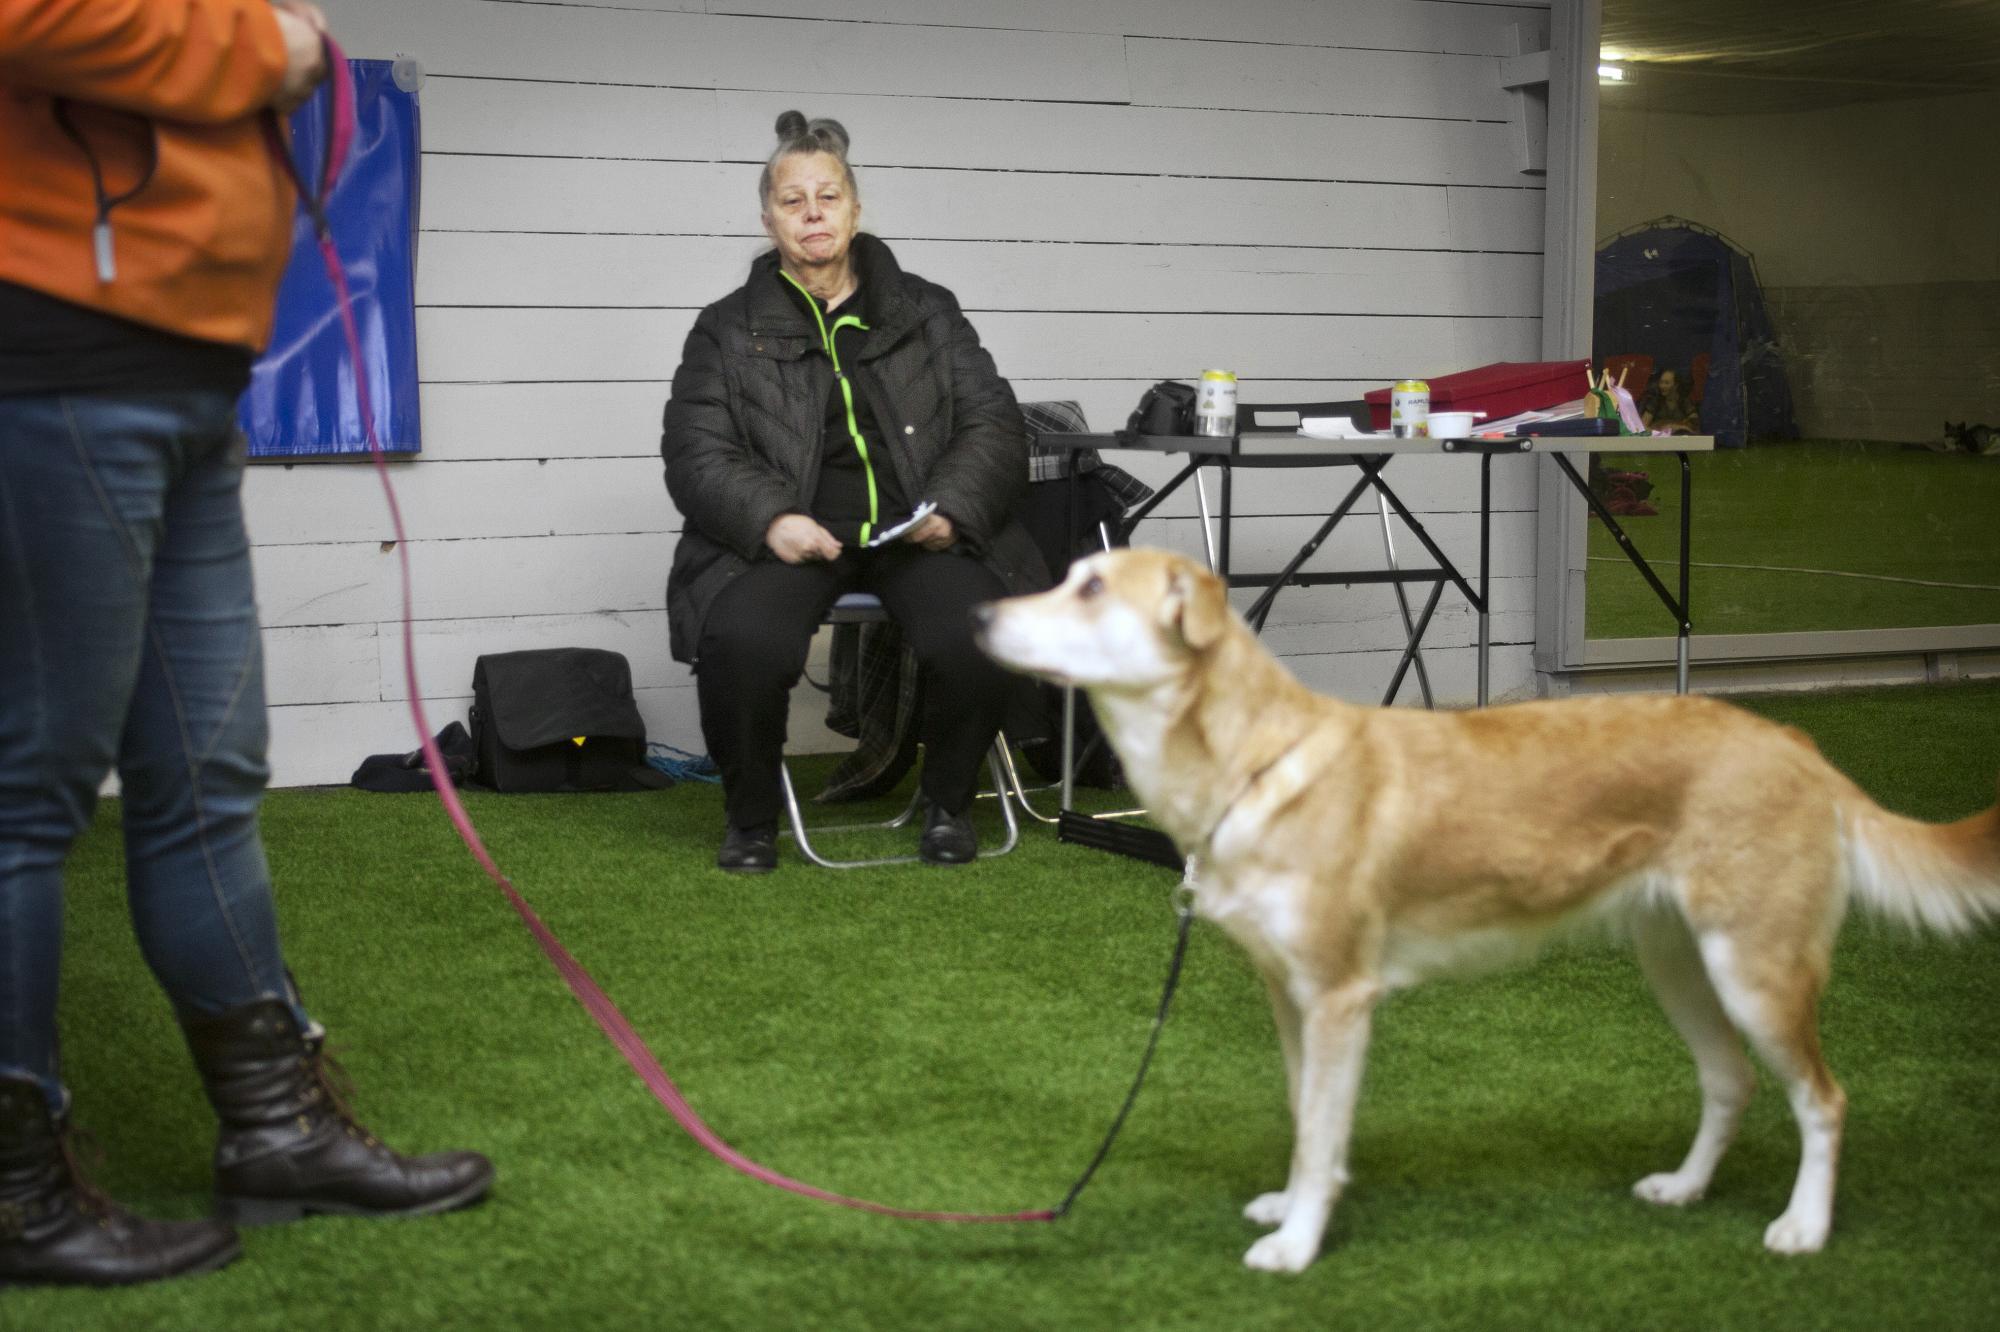 Vivian Loftén Nilson startadeblandrasföreningen den 1 juli 1993. Hon fick idén efter att hennes dotter kom hem från brukshundklubben och kände sig besviken över sin blandrashund.